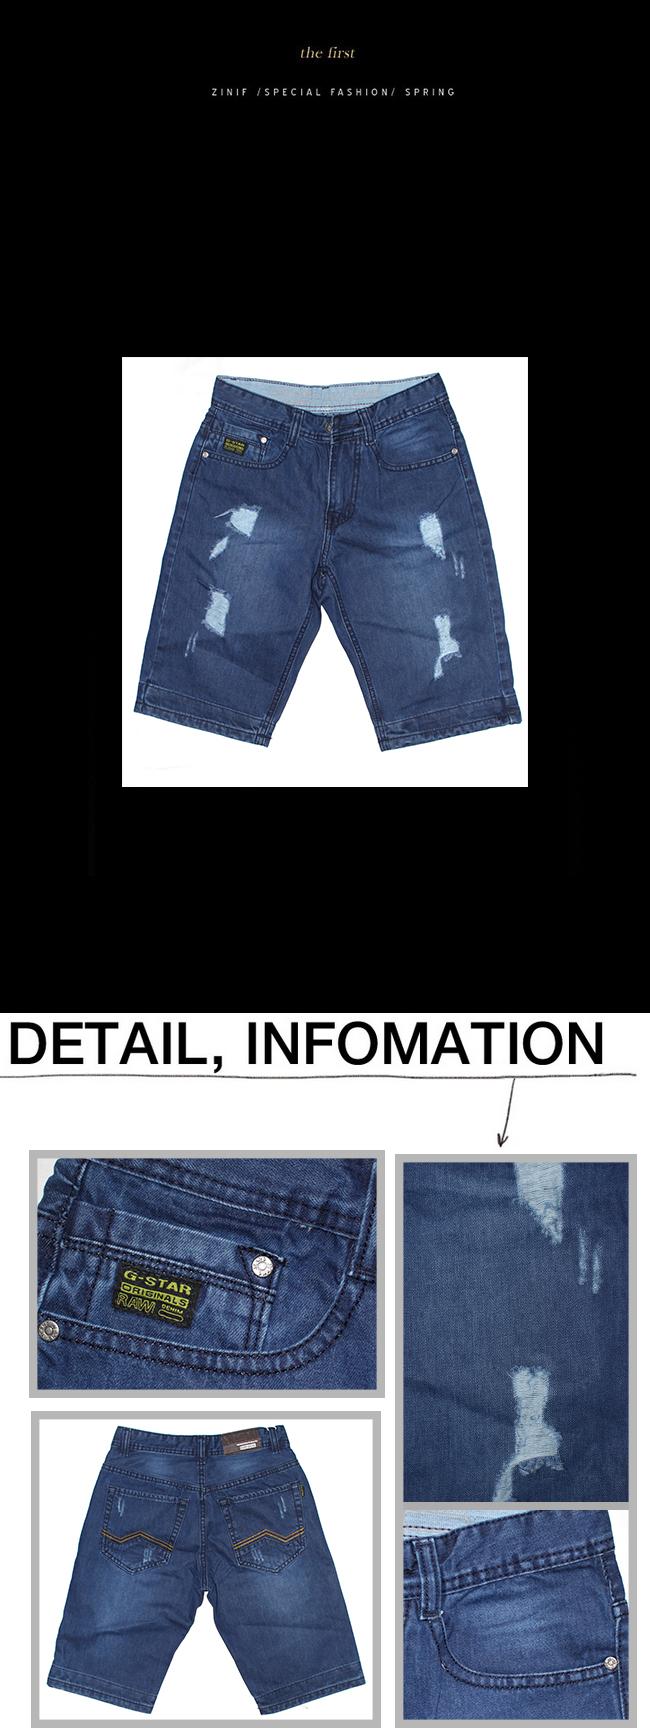 Quần short jeans xanh dương qj1106 - 1